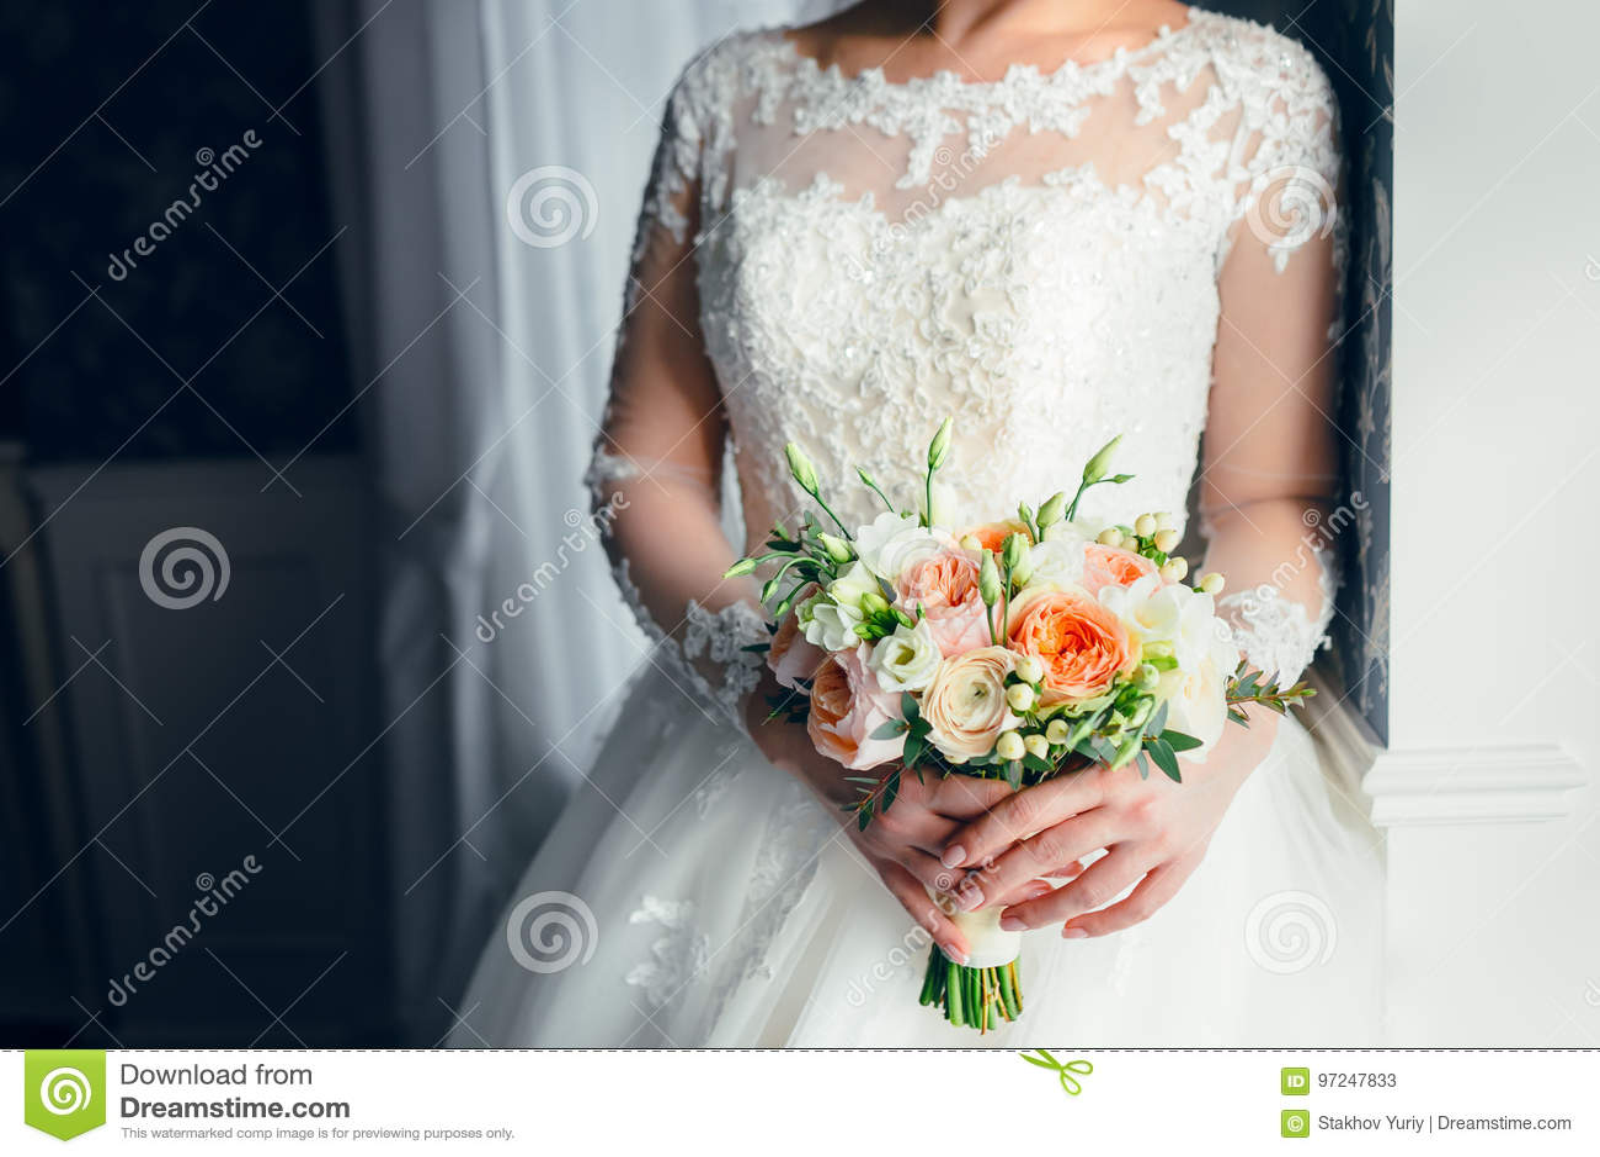 Eine Schone Braut Steht Nahe Dem Fenster Und Halt Einen